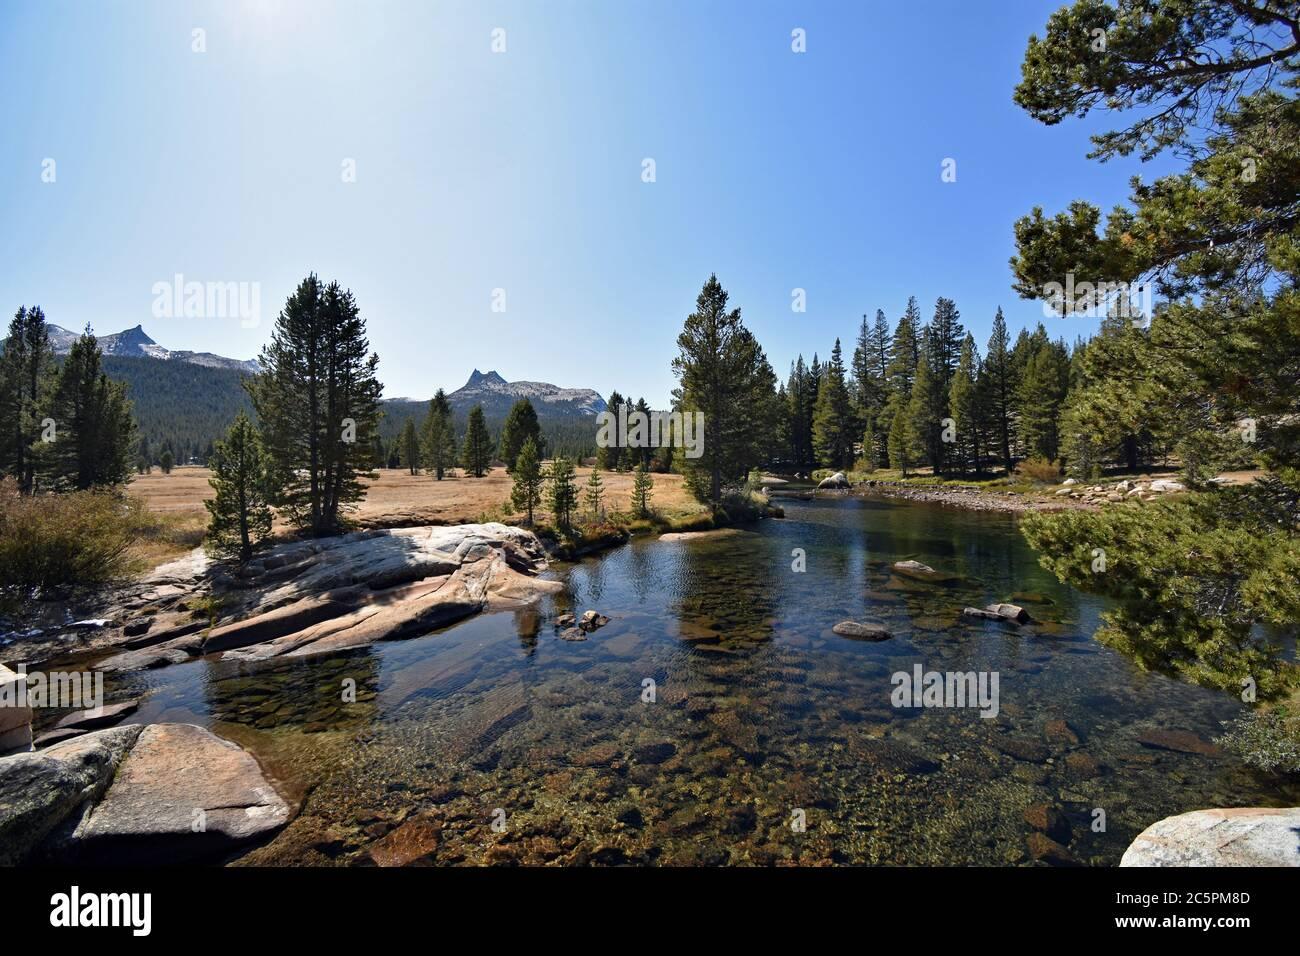 Rivière Tuolumne passant par les prairies subalpines de Tuolumne, avec des arbres et des montagnes en arrière-plan dans le parc national de Yosemite, Californie Banque D'Images